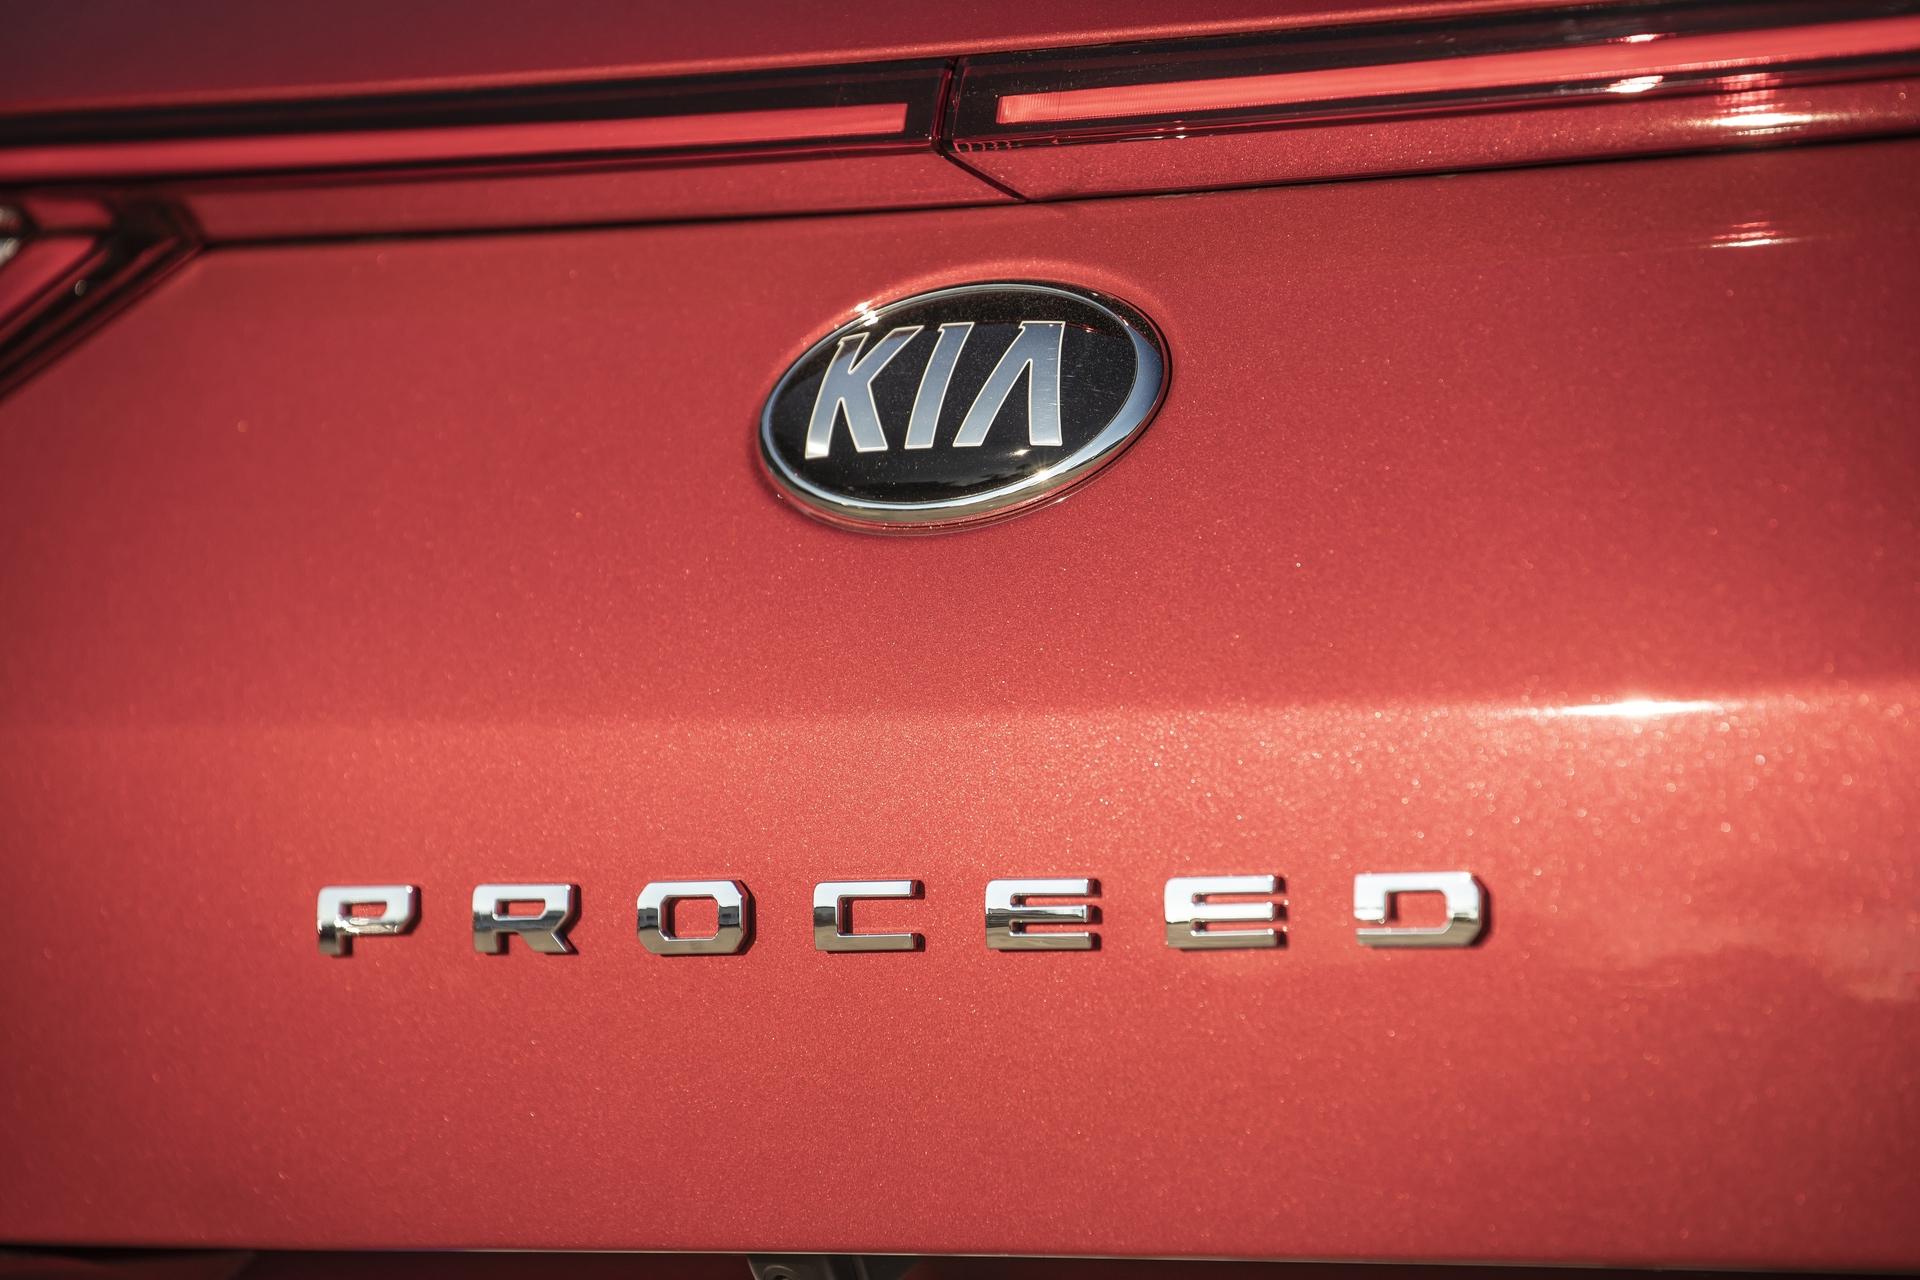 First_Drive_Kia_Proceed_0250